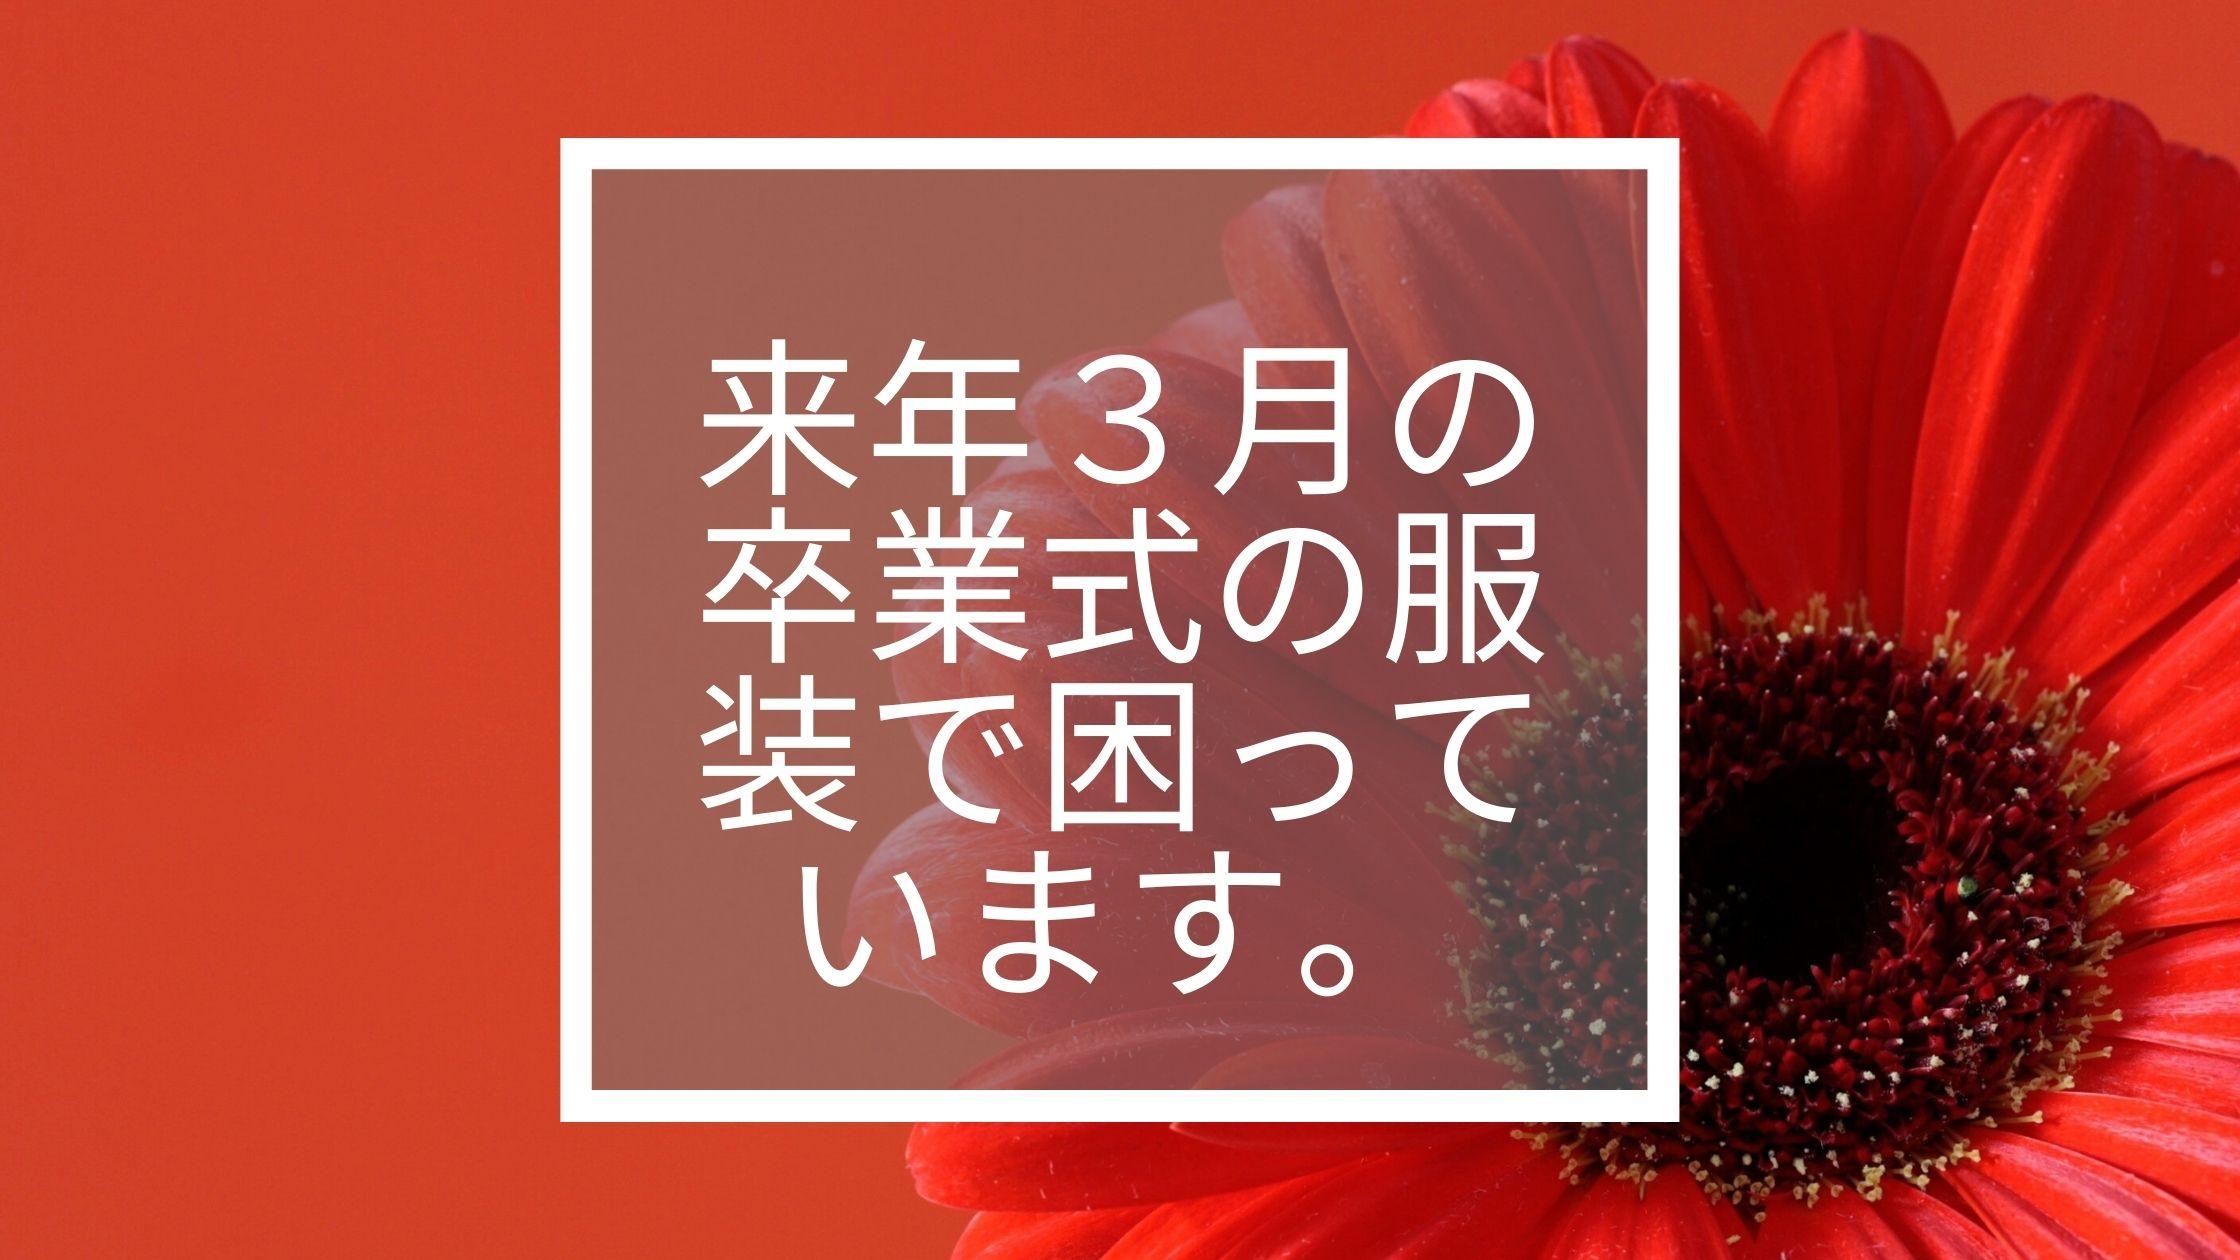 袴は本来「成人式の時の振袖」に着たらおかしいですか?